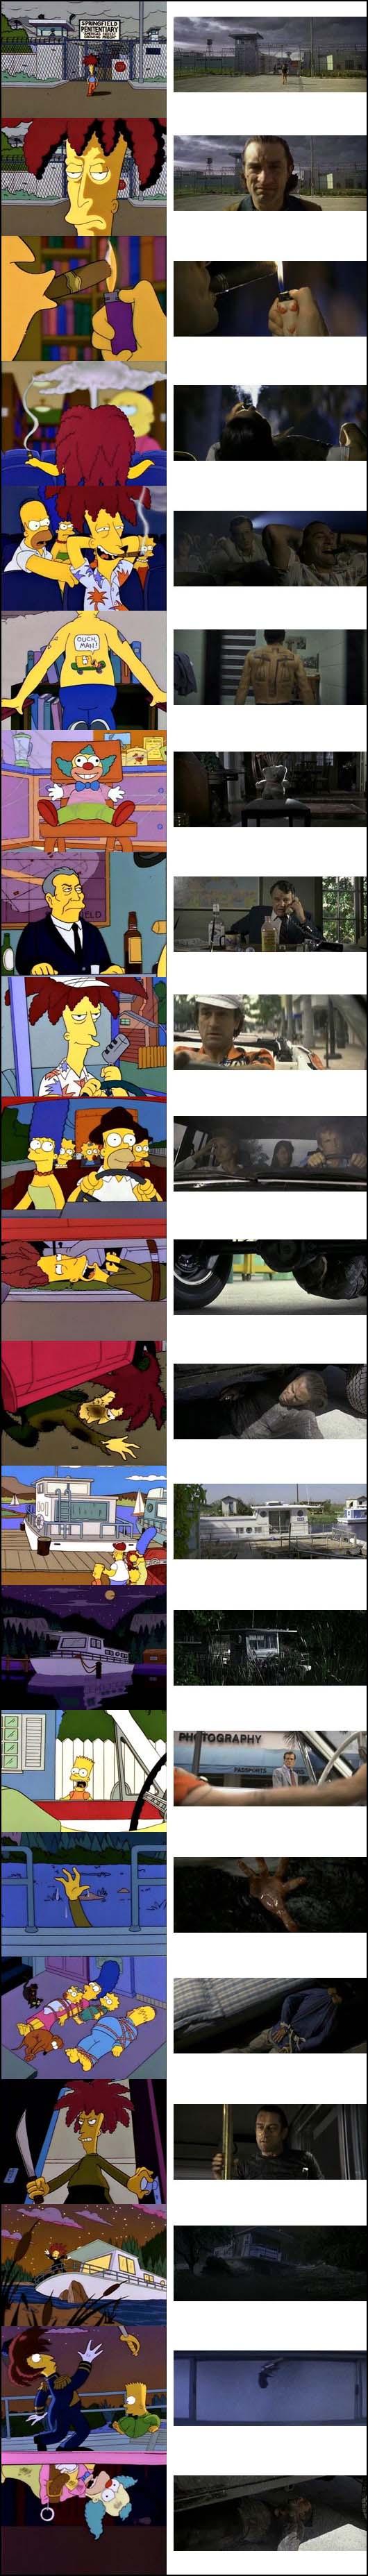 40 películas a las que hacen referencia en Los Simpsons